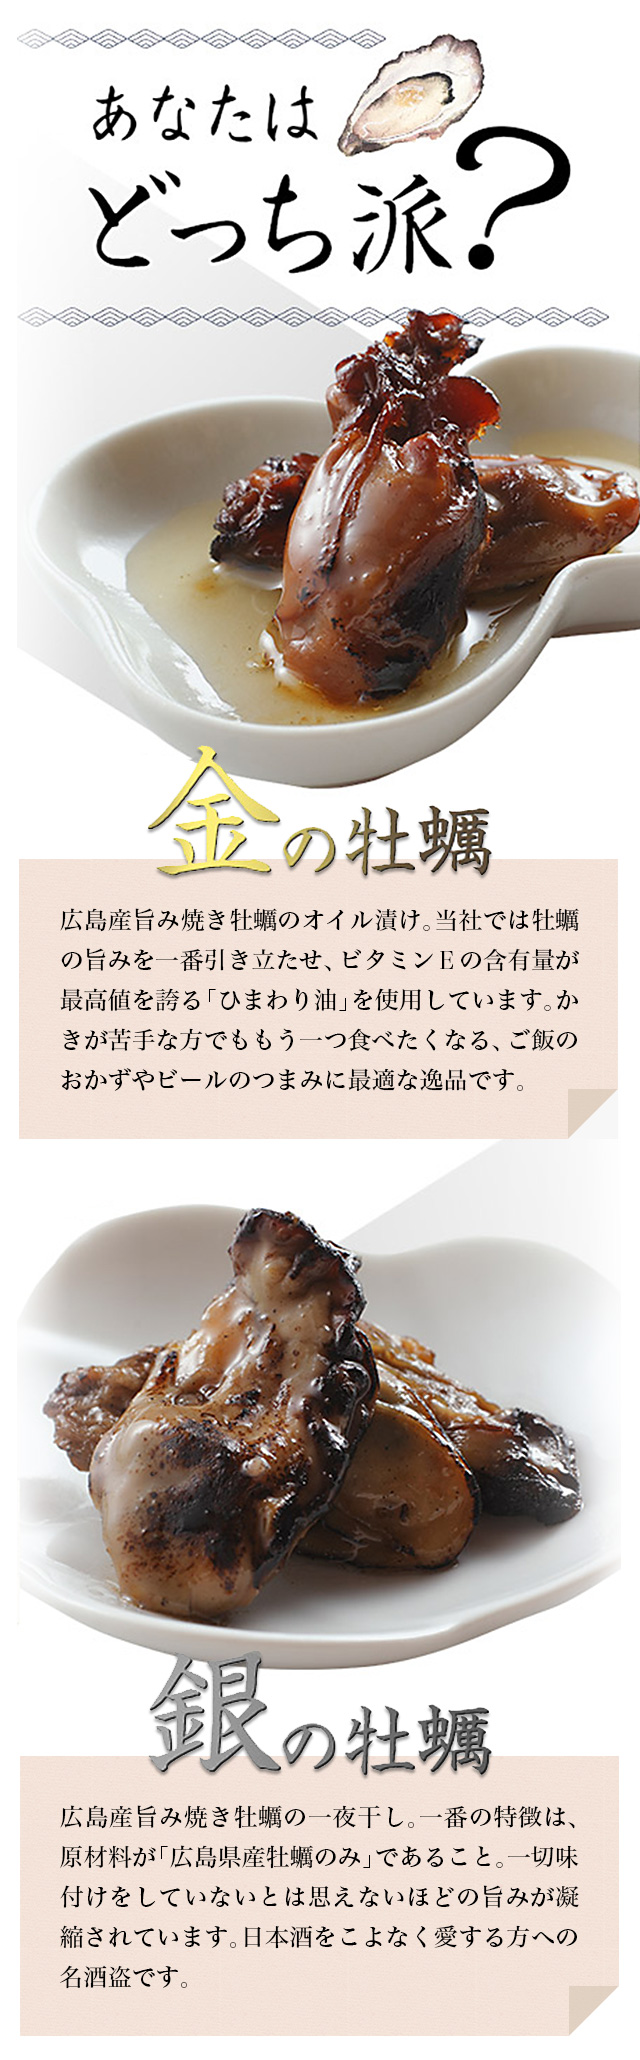 金の牡蠣:広島産旨み焼き牡蠣のオイル漬け。当社では牡蠣の旨みを一番引き立たせ、ビタミンEの含有量が最高値を誇る「ひまわり油」を使用しています。かきが苦手な方でももう一つ食べたくなる、ご飯のおかずやビールのつまみに最適な逸品です。銀の牡蠣:広島産旨み焼き牡蠣の一夜干し。一番の特徴は、原材料が「広島県産牡蠣のみ」であること。一切味付けをしていないとは思えないほどの旨みが凝縮されています。日本酒をこよなく愛する方への名酒盗です。